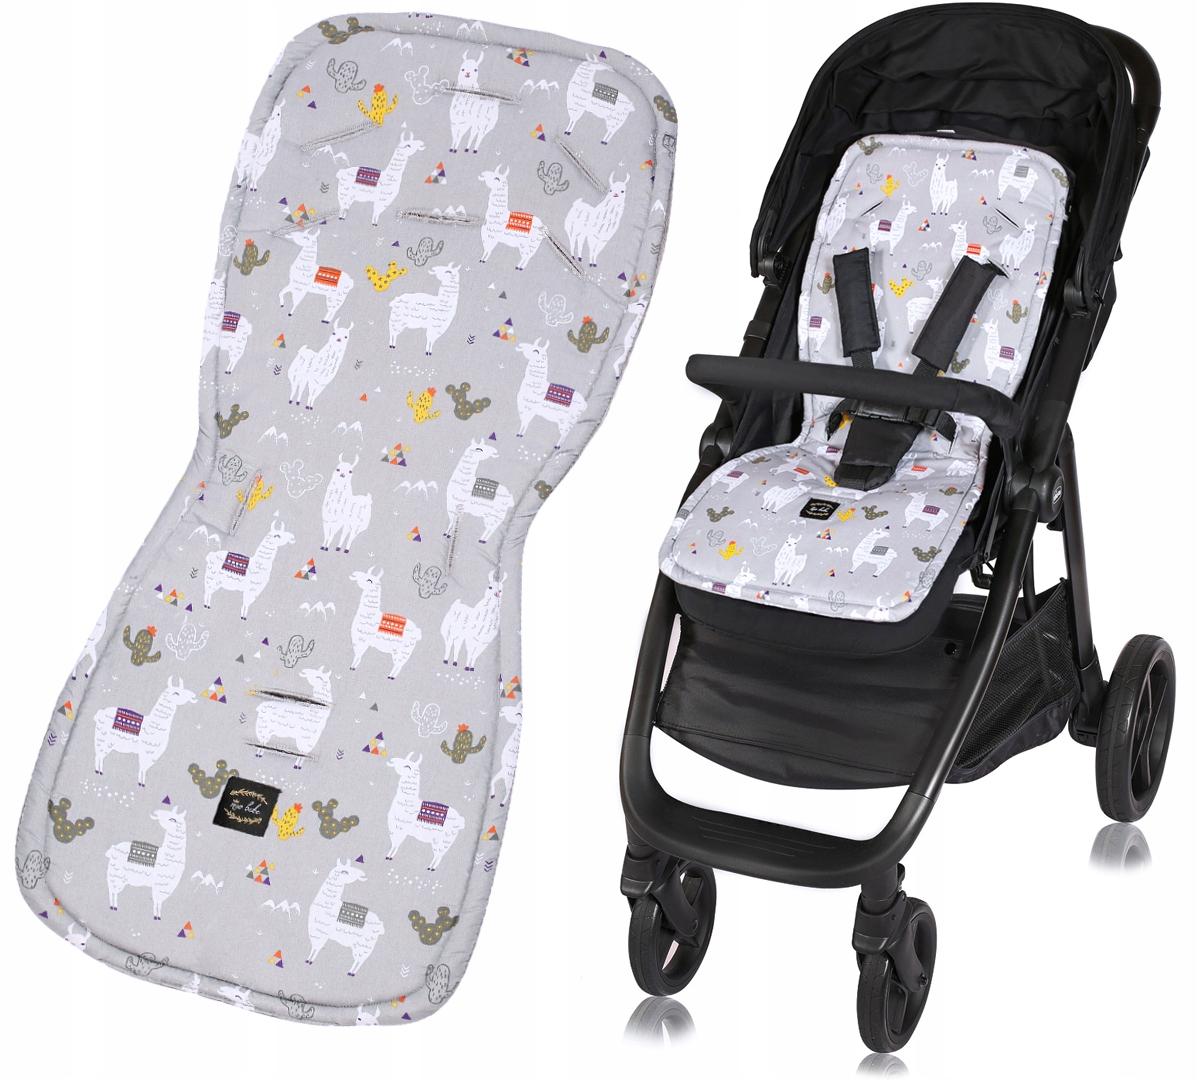 Mio Bebe wkładka BAWEŁNA do wózka SPACERÓWKI LAMA